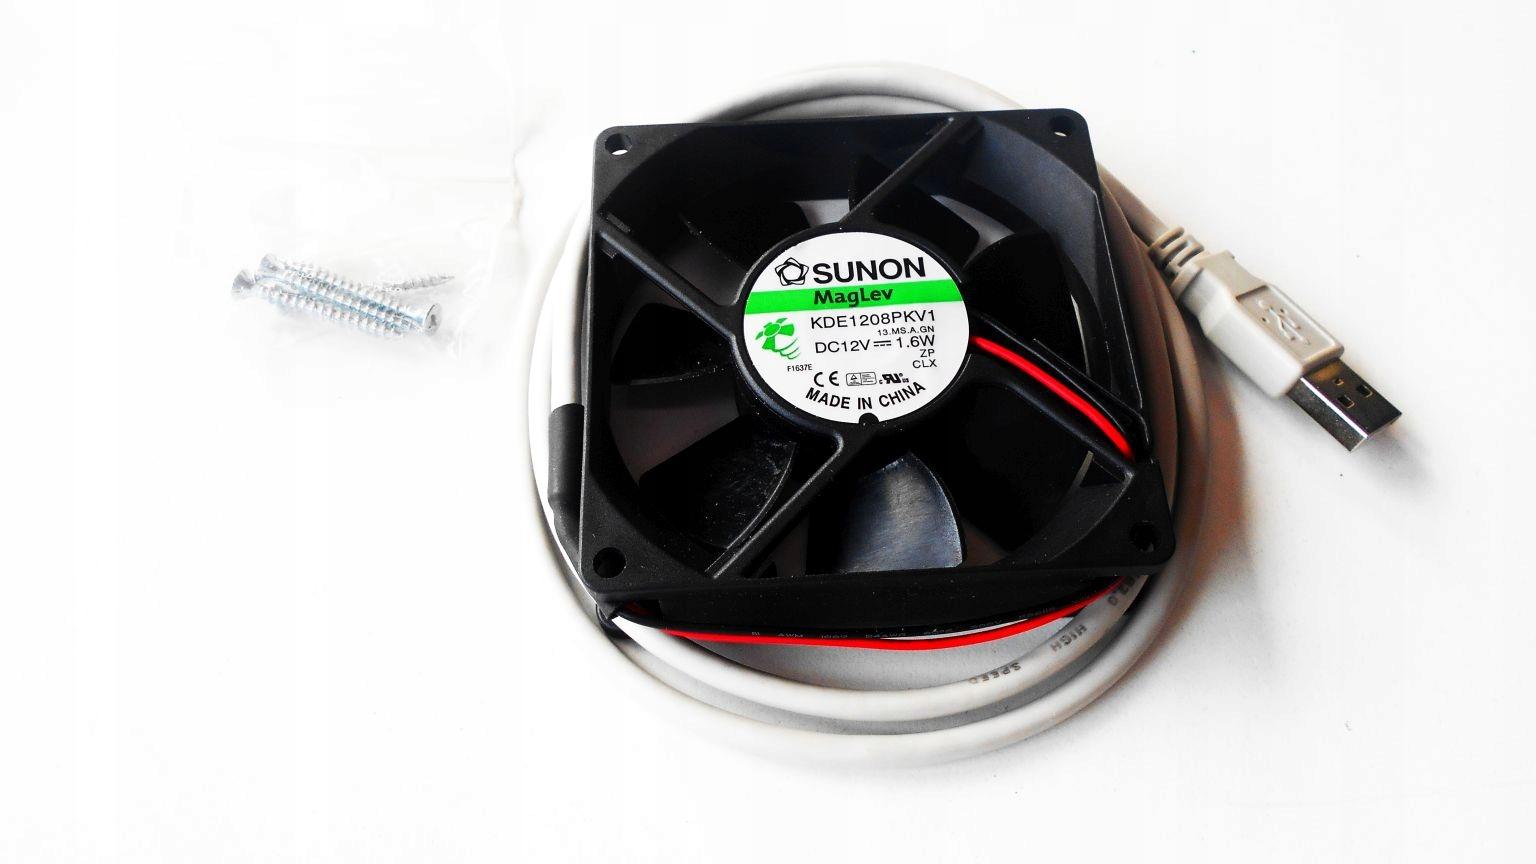 вентилятор к компьютера w стол bmw kde1208pkv1